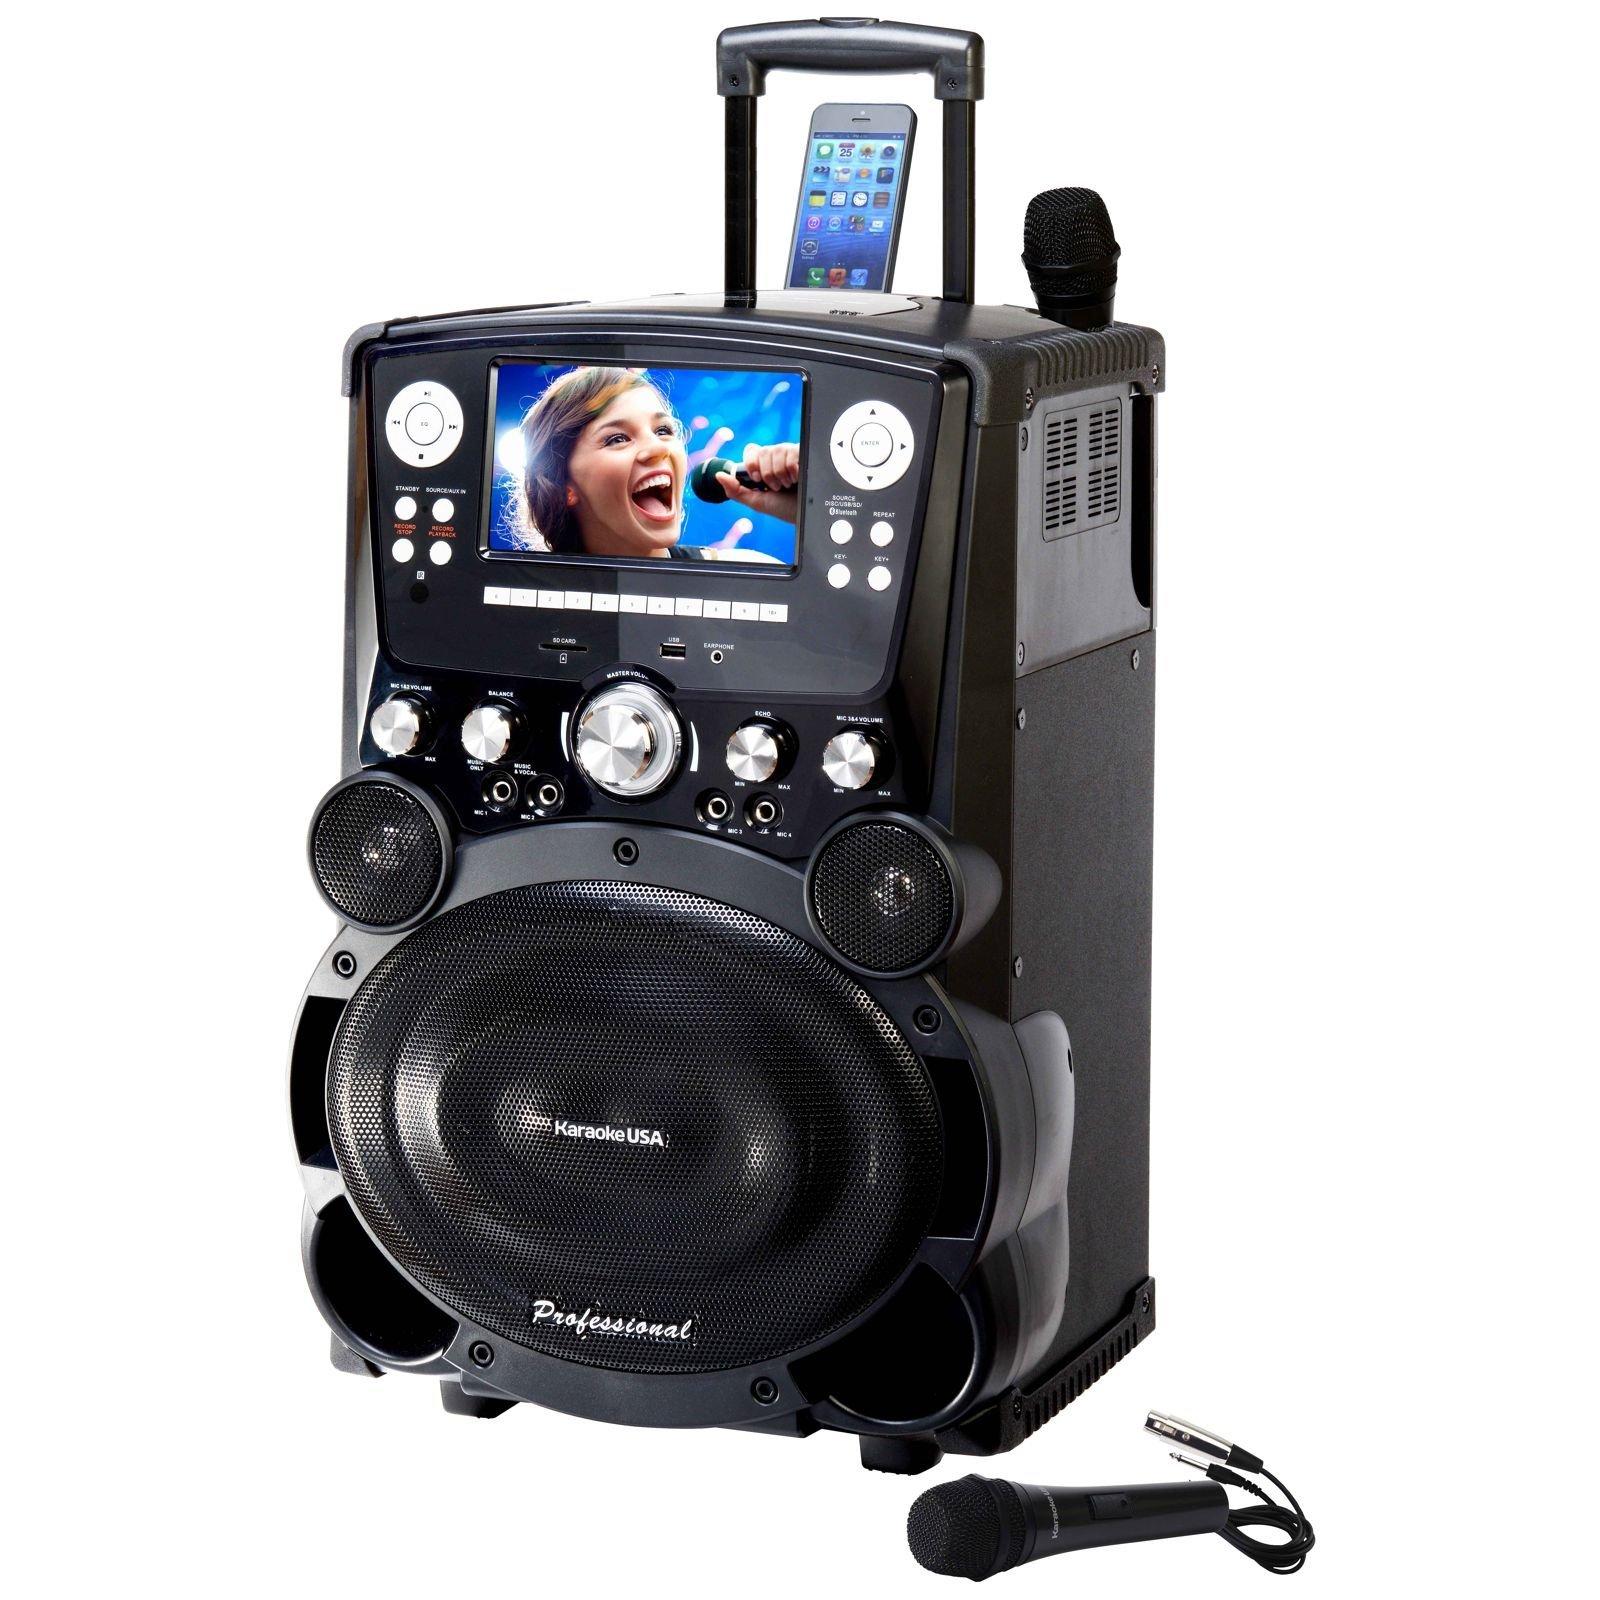 Karaoke USA GP978 Professional DVD/CDG/MP3G Karaoke Player with 7'' Color TFT Display